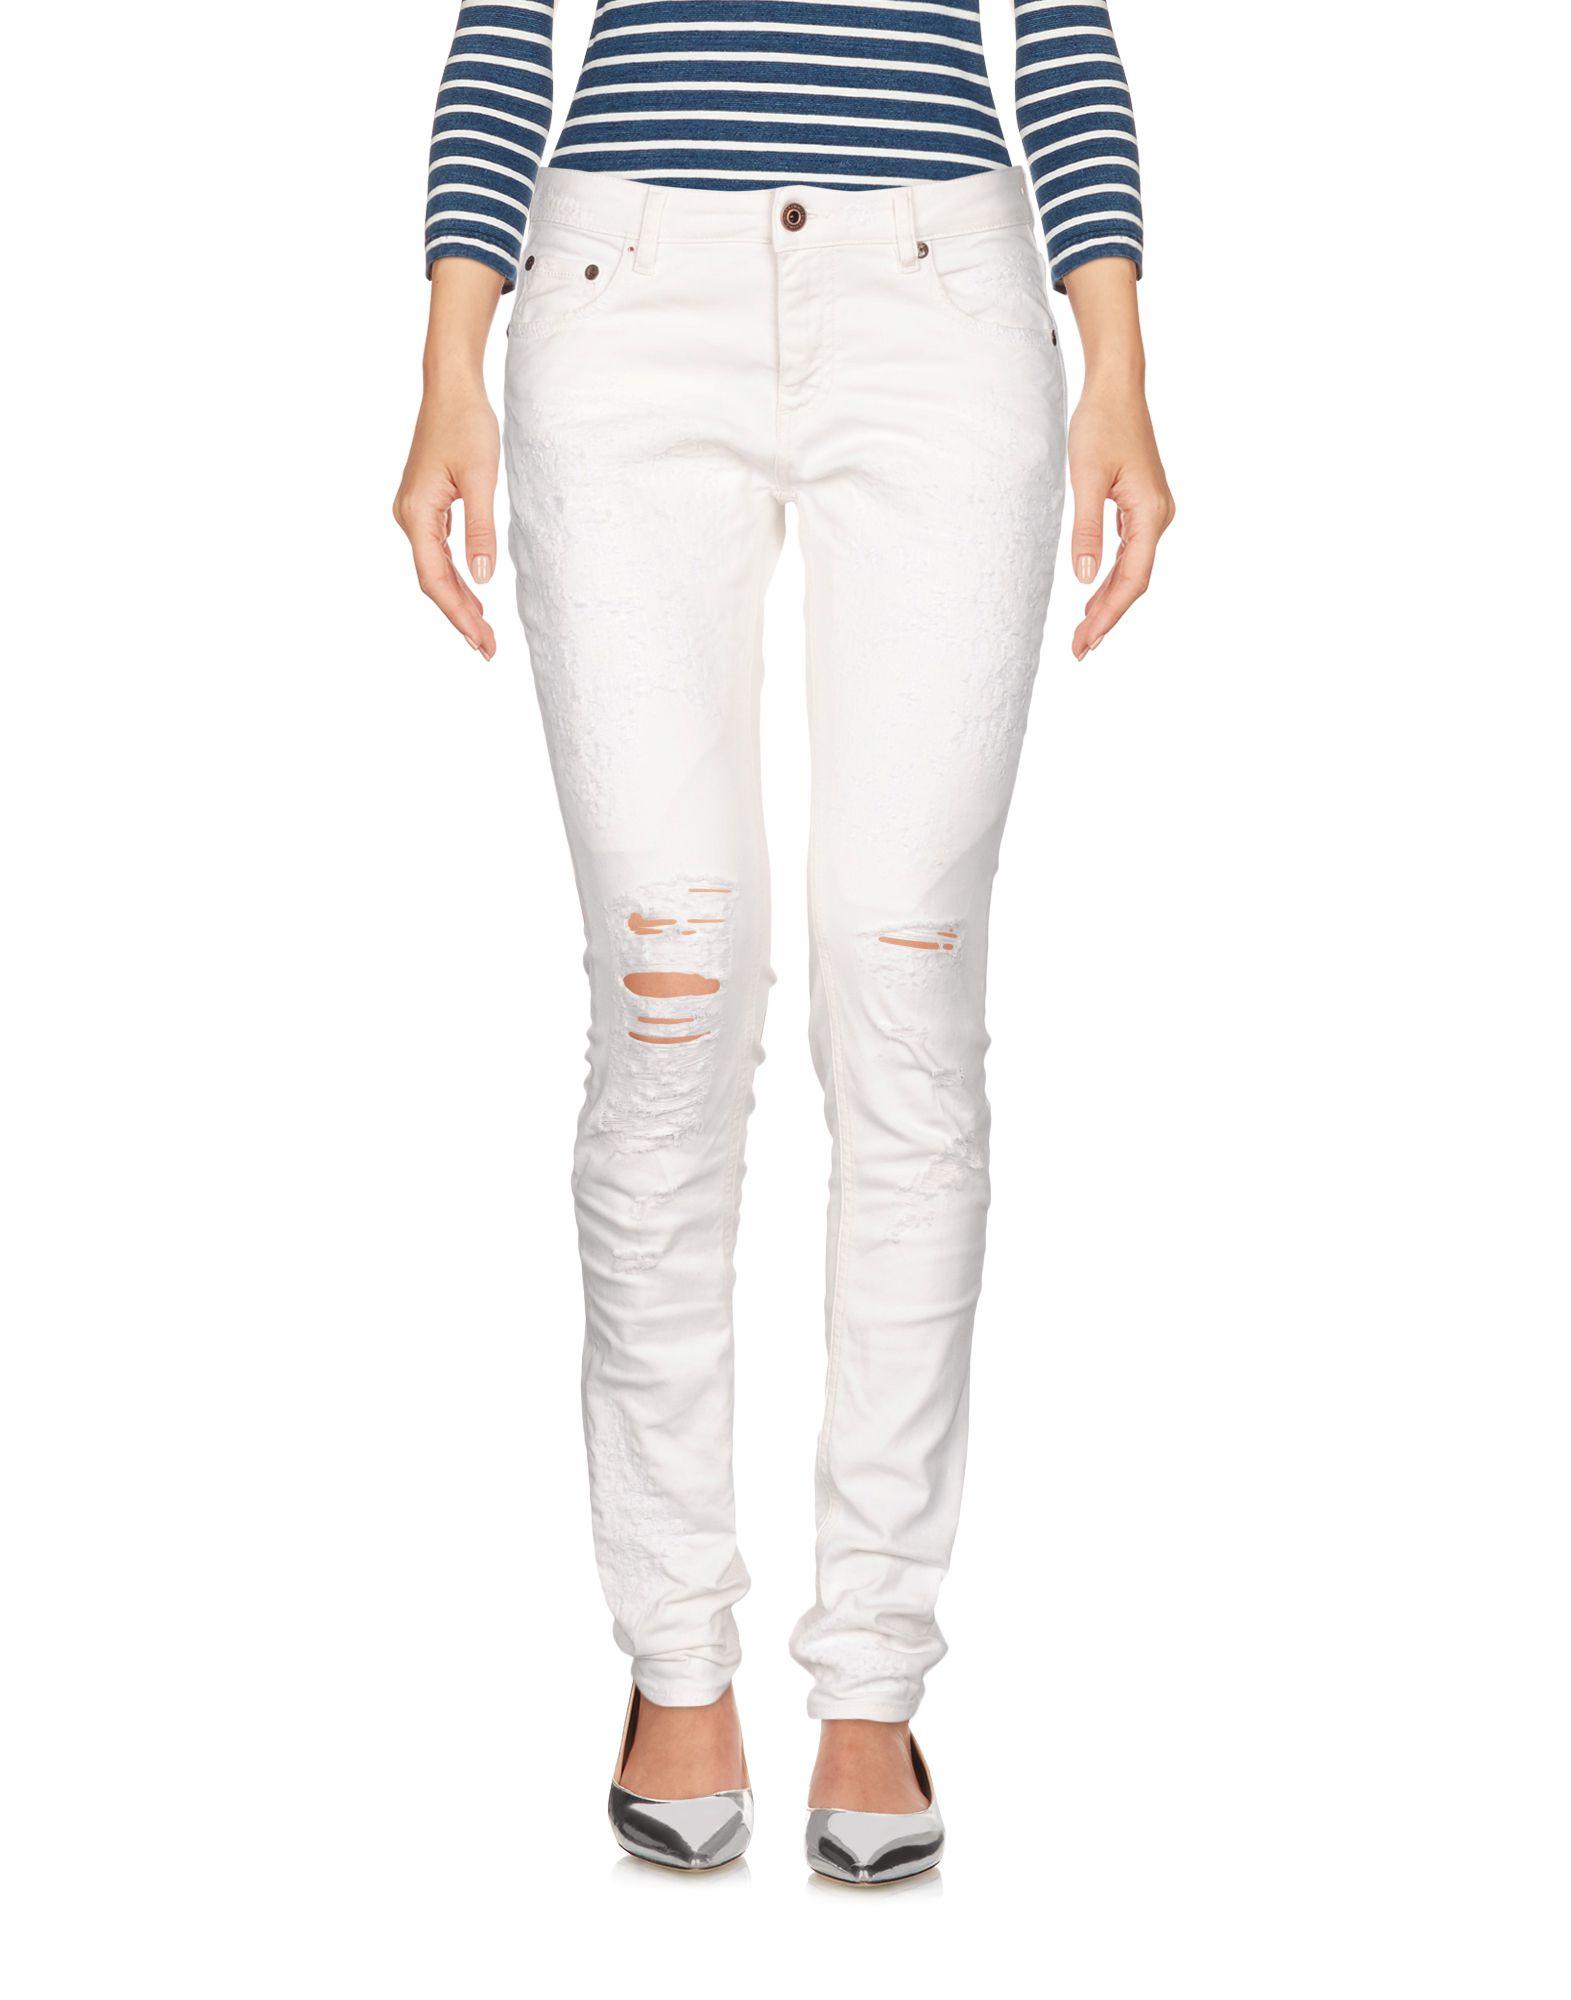 Femmes Jean Pantalon Femmes Jean Blanc Blanc Jean Pantalon Pantalon WD2E9HI